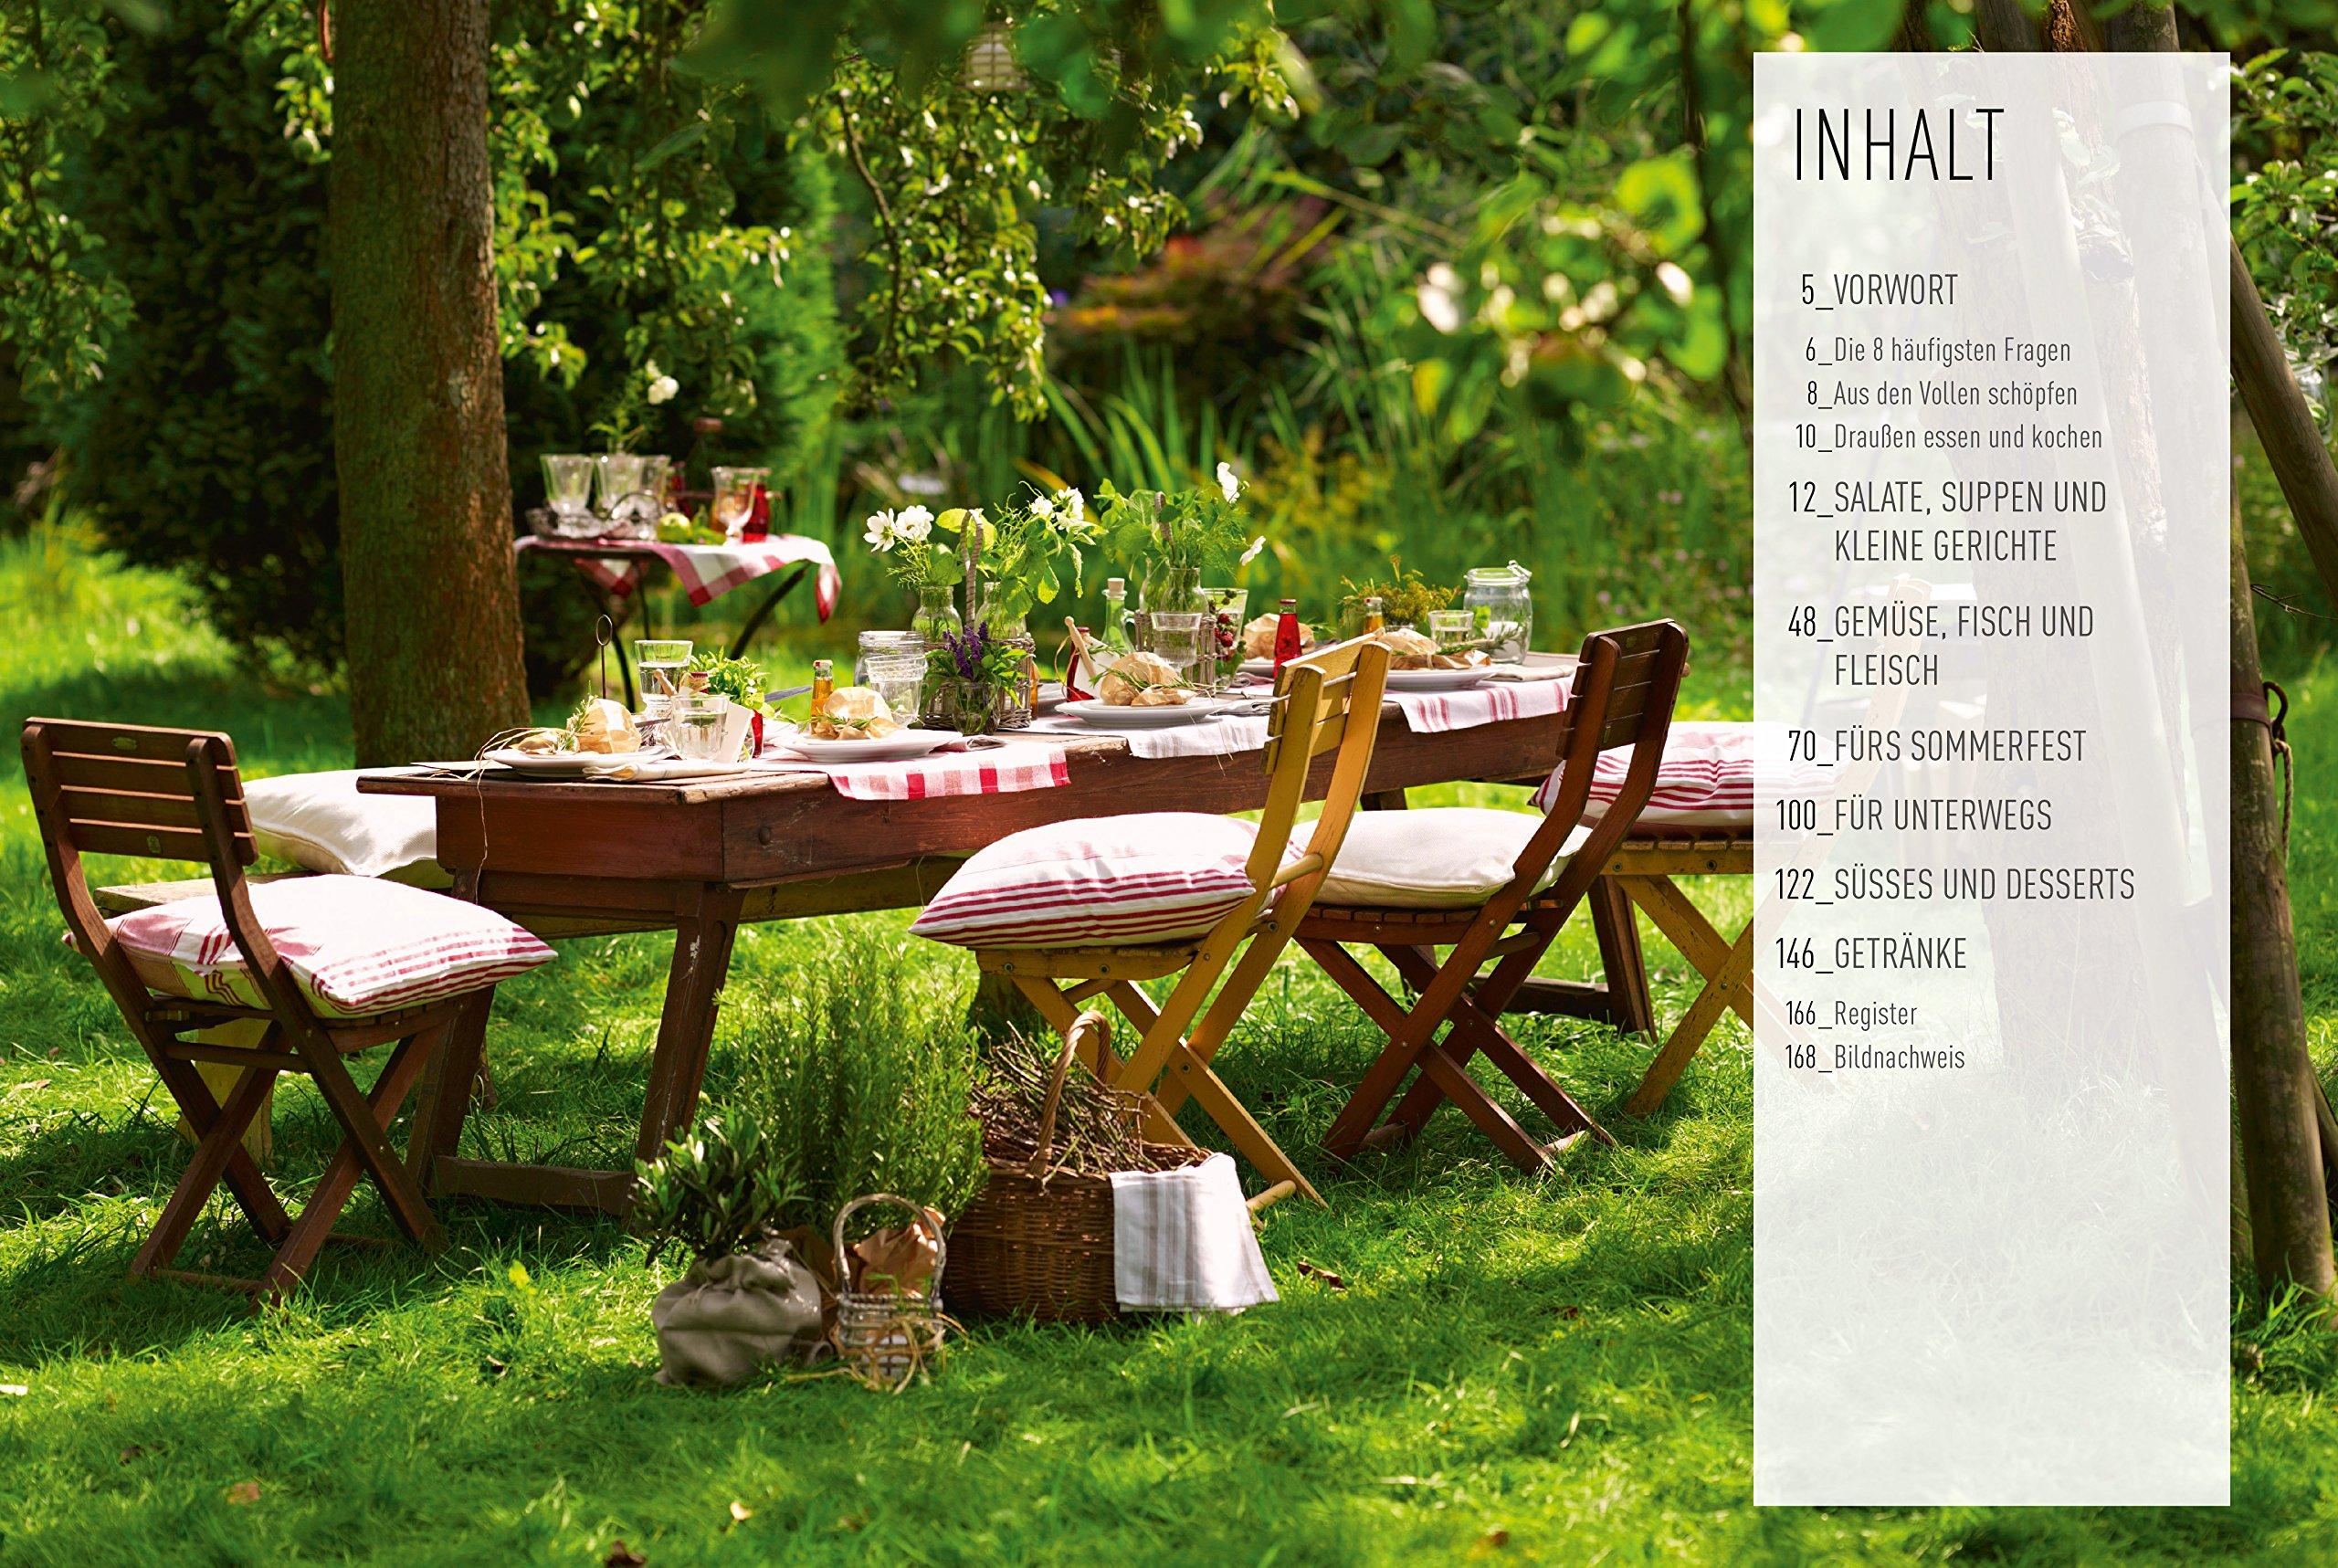 Sommerküche Kochen Und Genießen : Echt sommerküche: Über 100 kreative rezepte echt kochbücher: amazon